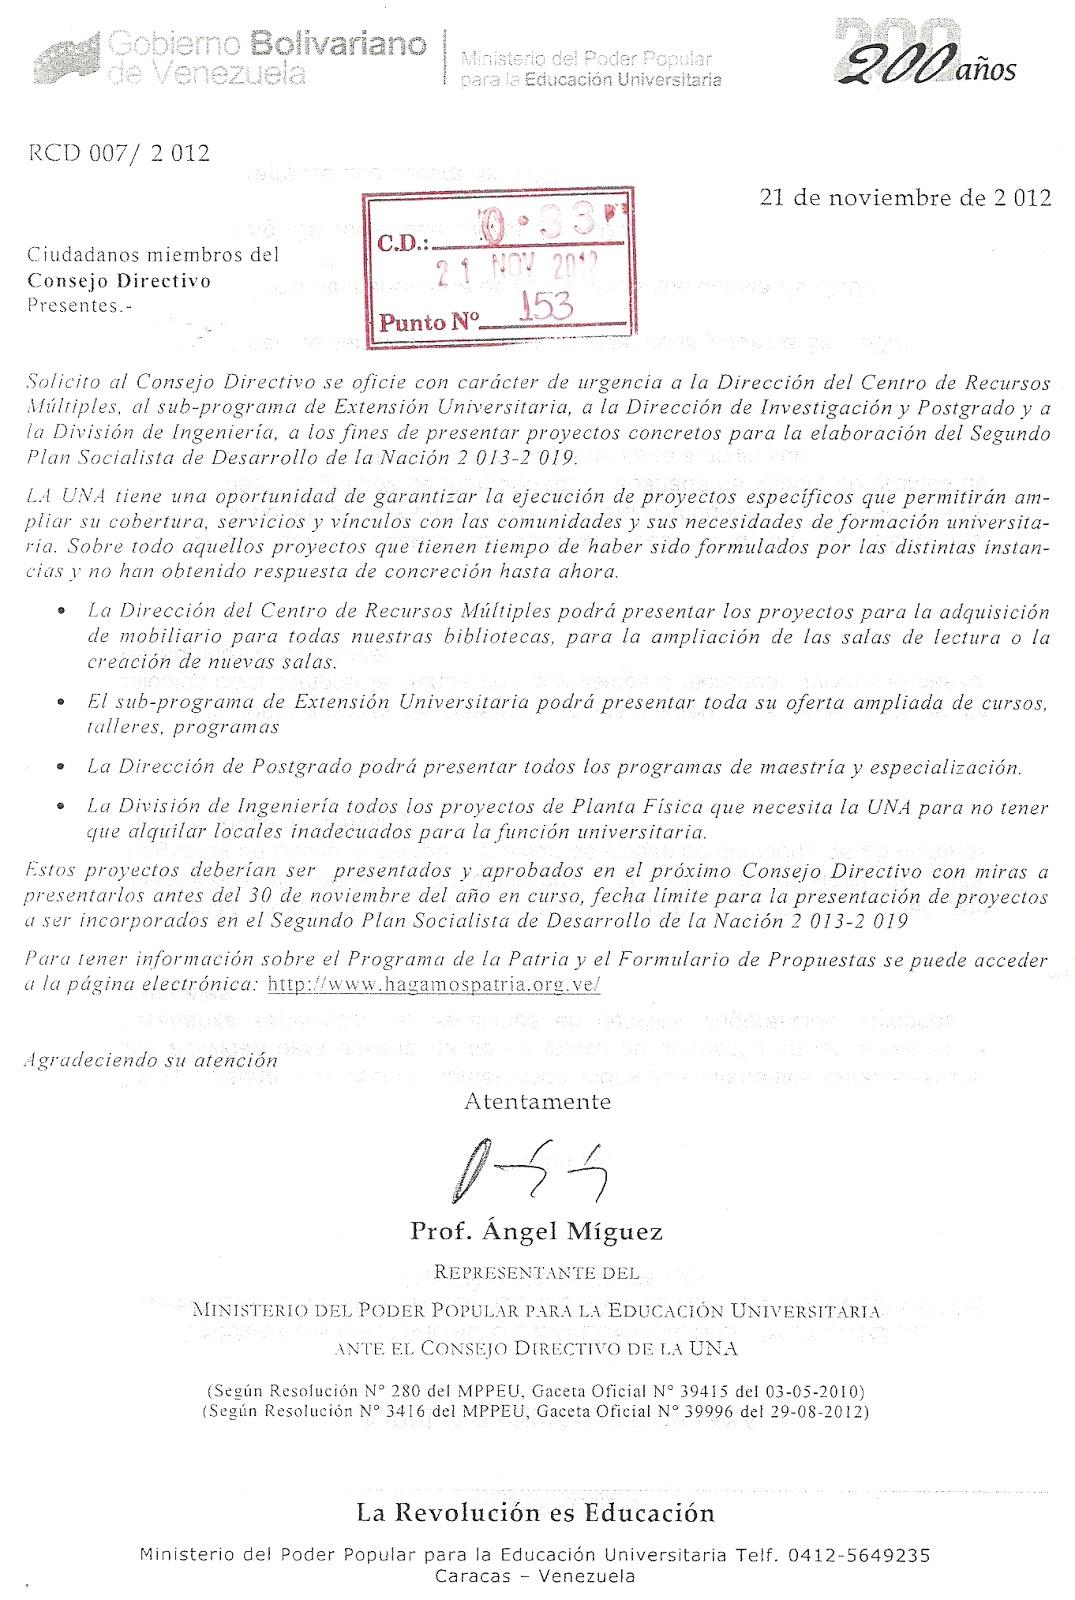 Representación del MPPEU en el Consejo Directivo de la UNA